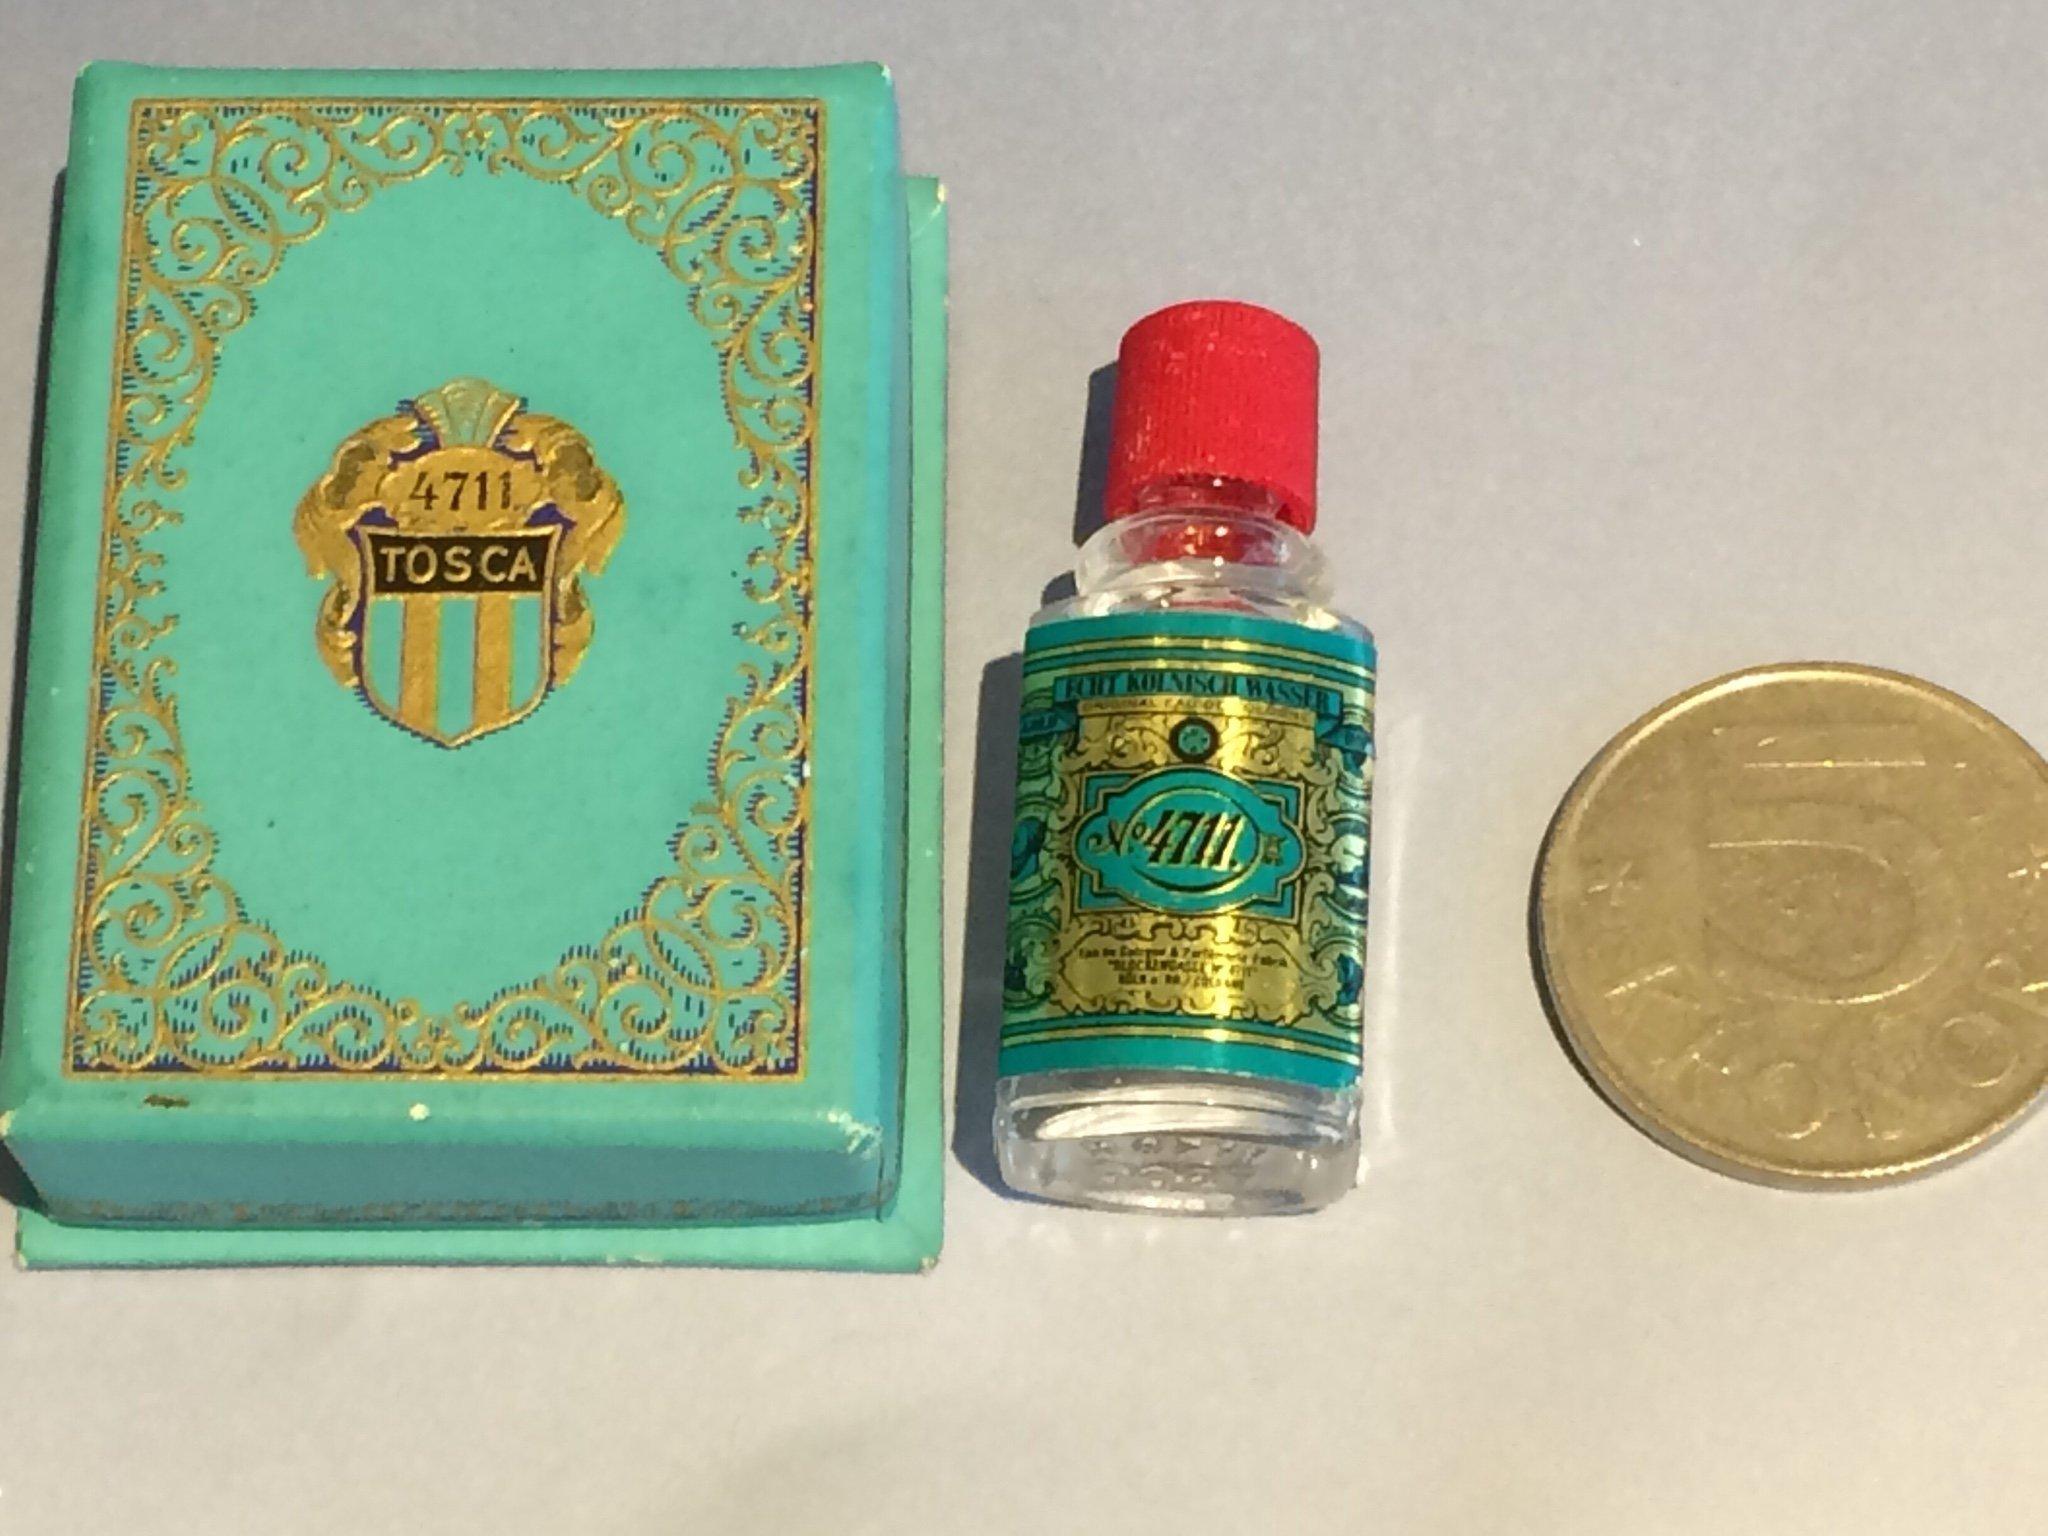 Parfym 4711 p asken står tosca Flaskan oöppnD (408024201) ᐈ